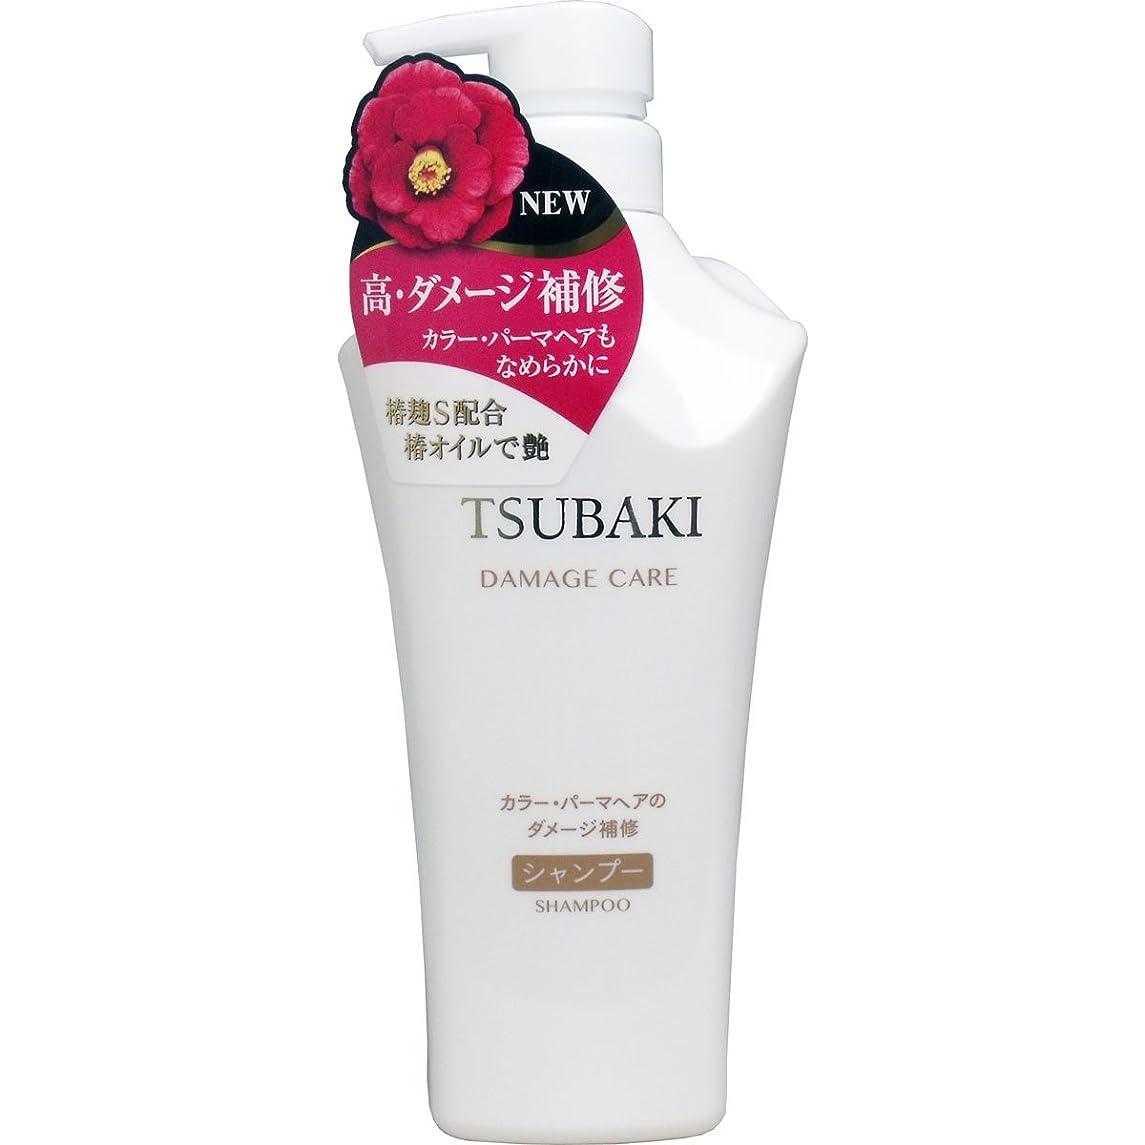 特定の噛む学習者TSUBAKIダメージケアシャンプー ジャンボサイズ × 3個セット